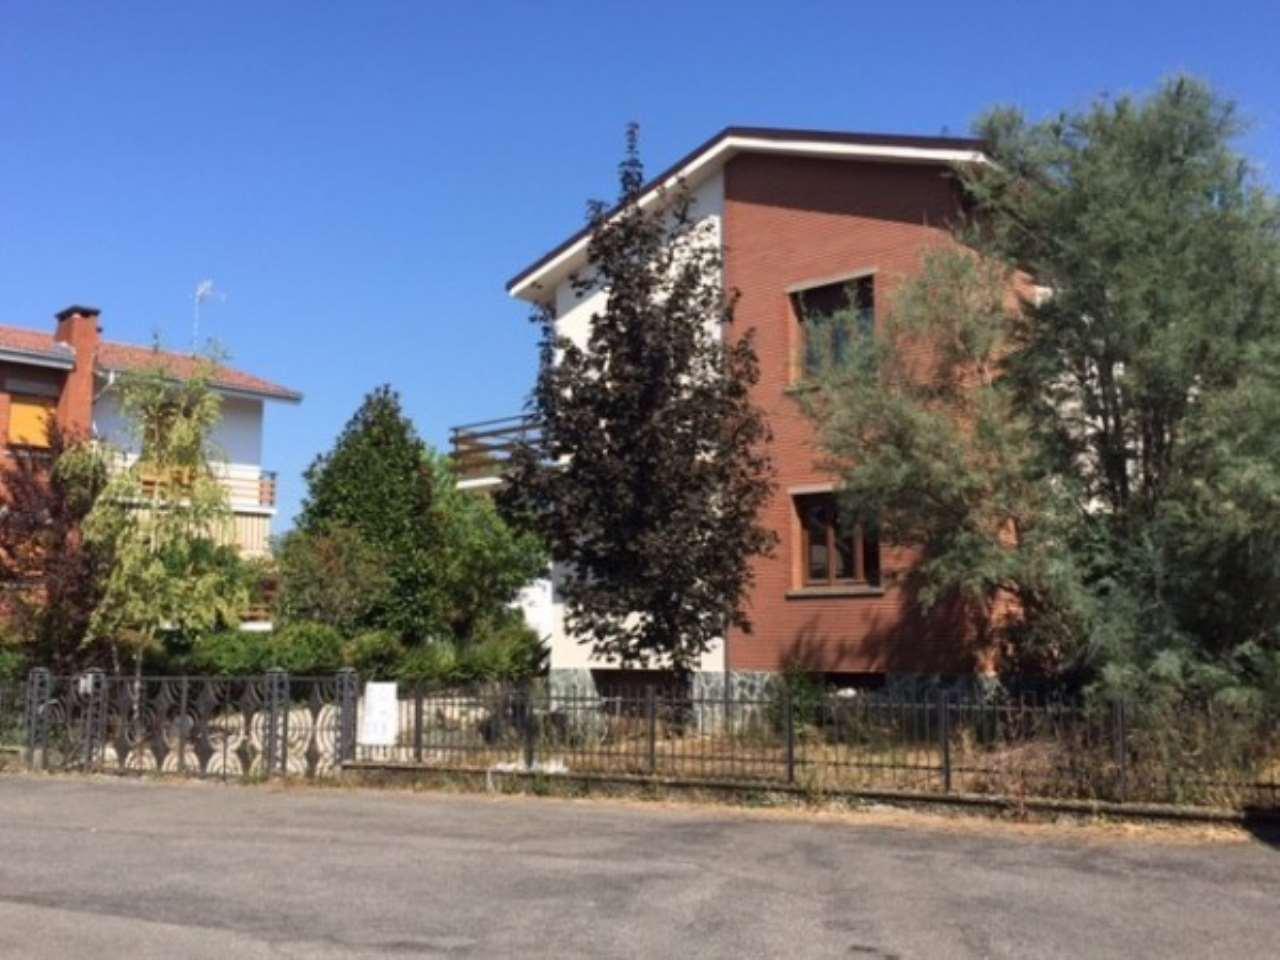 Villa in vendita a Novi Ligure, 6 locali, prezzo € 280.000 | Cambio Casa.it